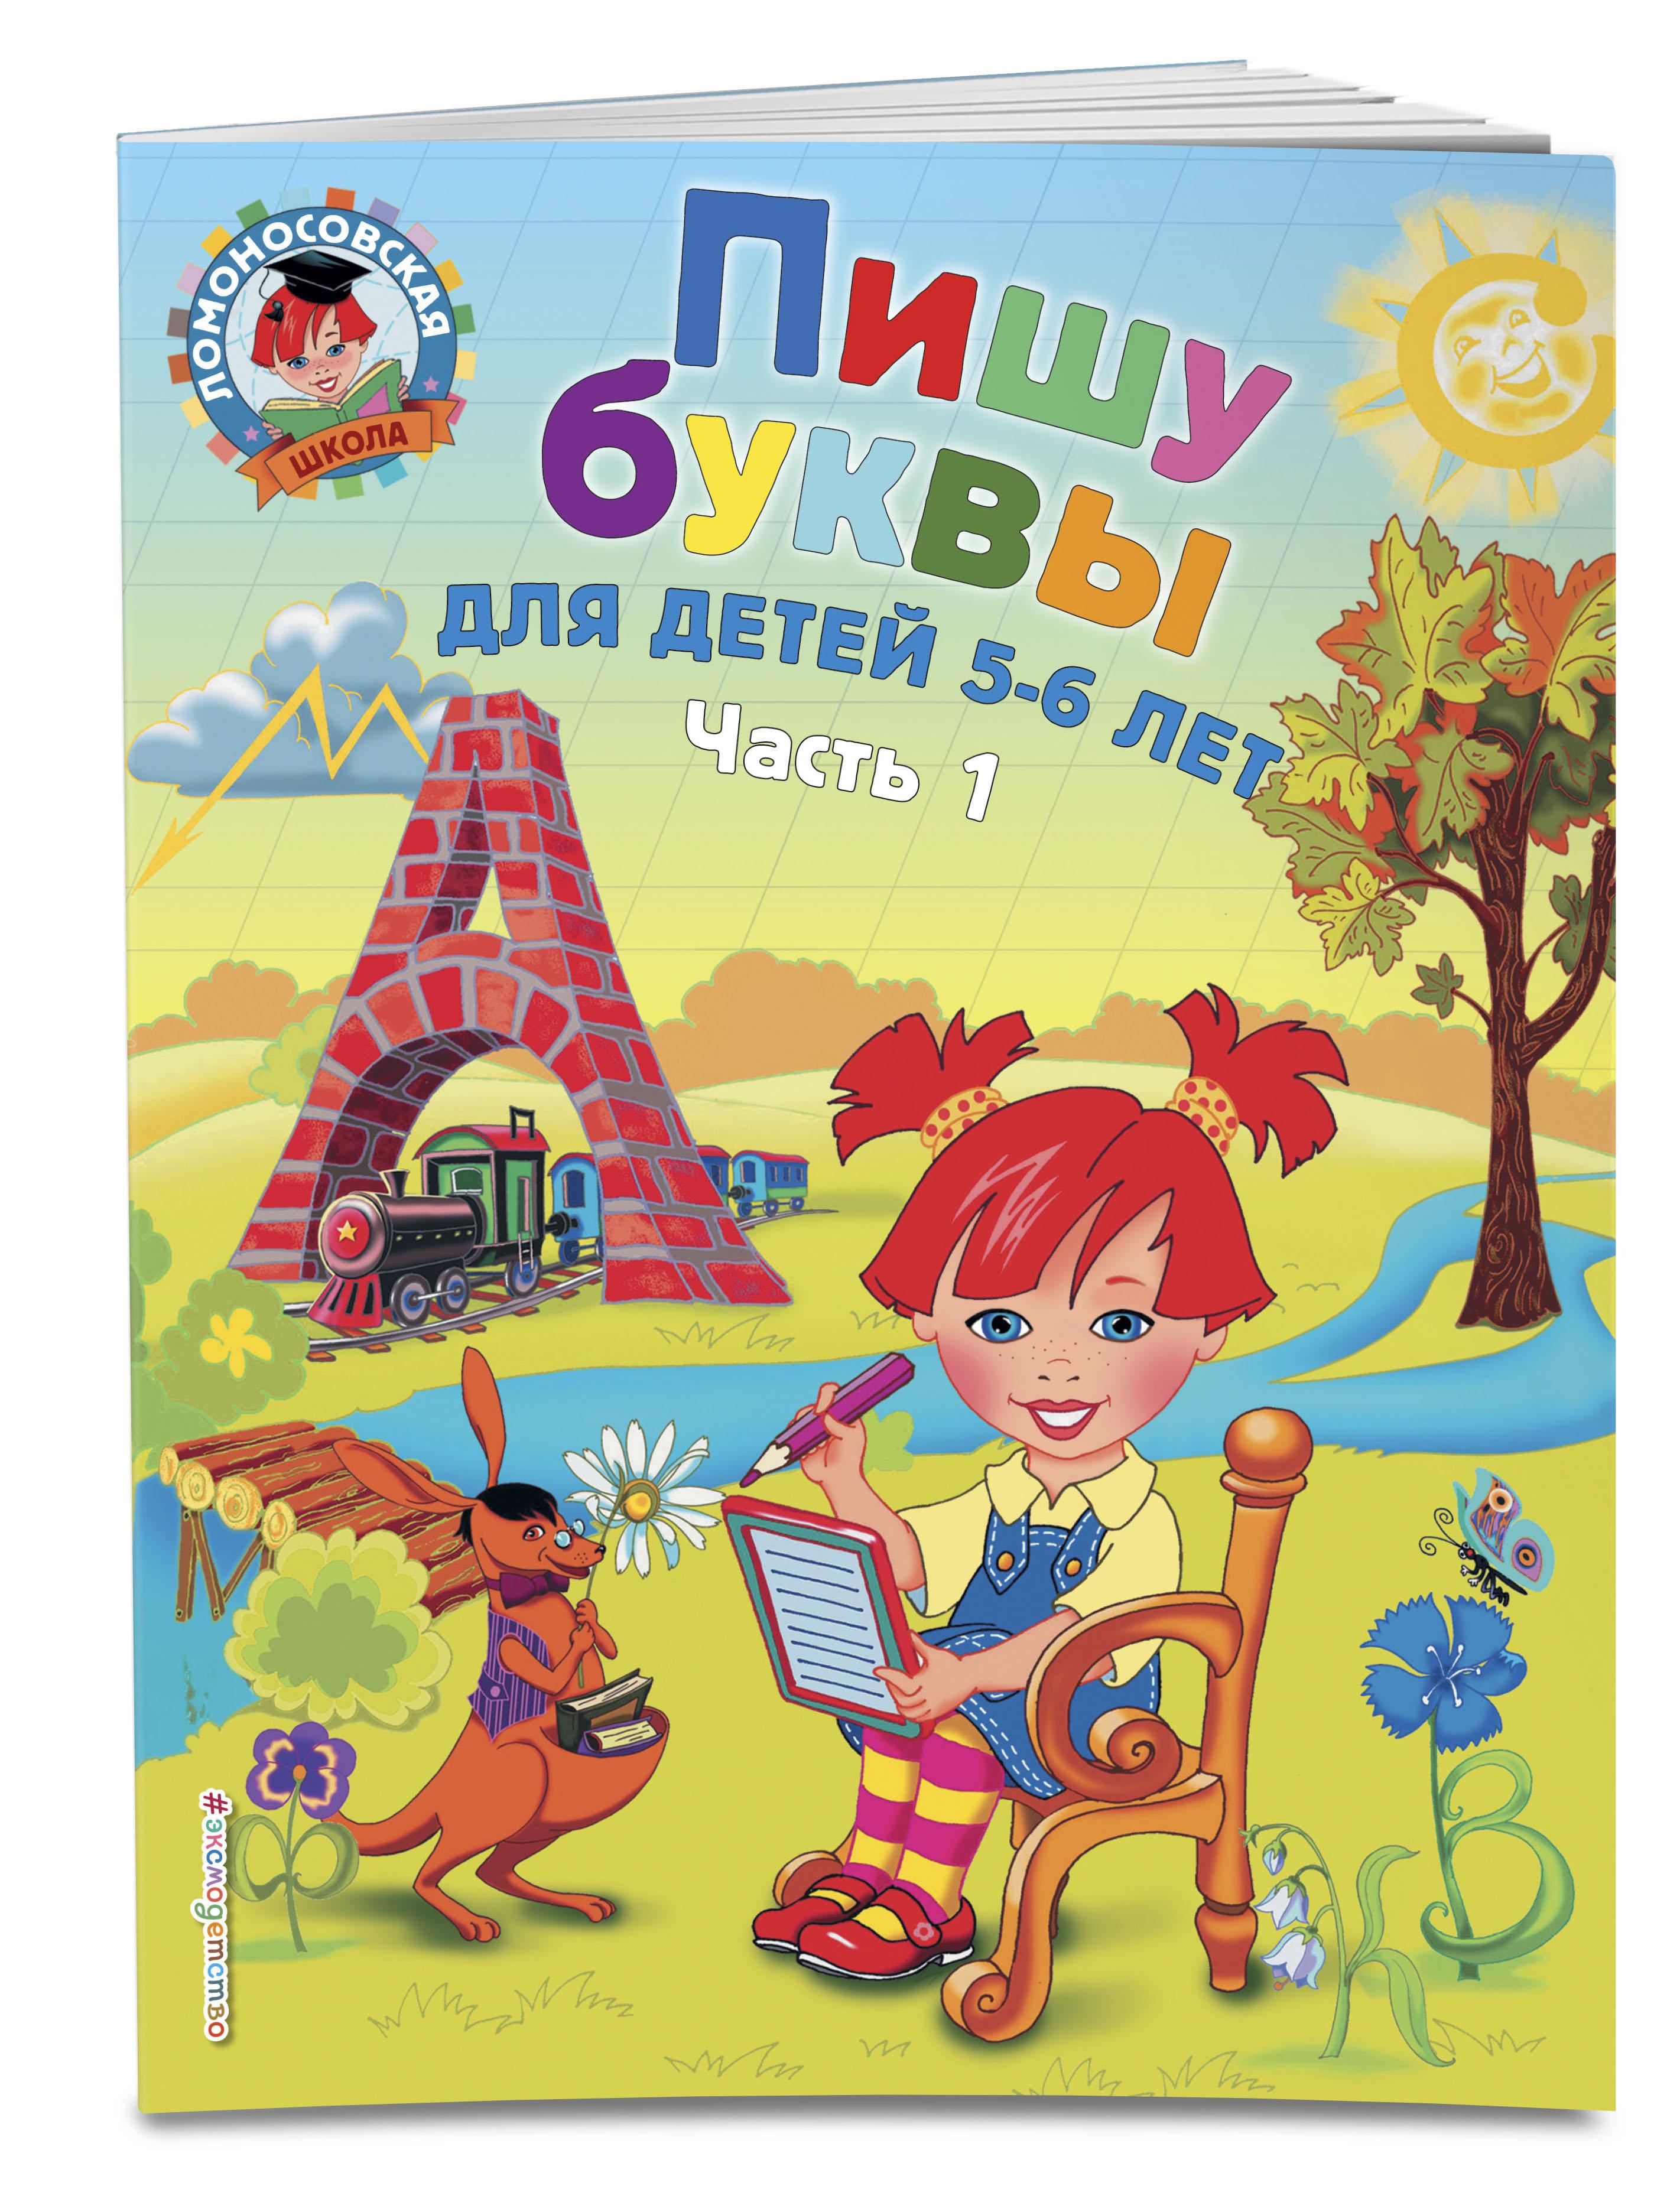 Володина Н.В. Пишу буквы: для детей 5-6 лет. Ч. 1. 2-е изд., испр. и перераб. добавка 5 букв